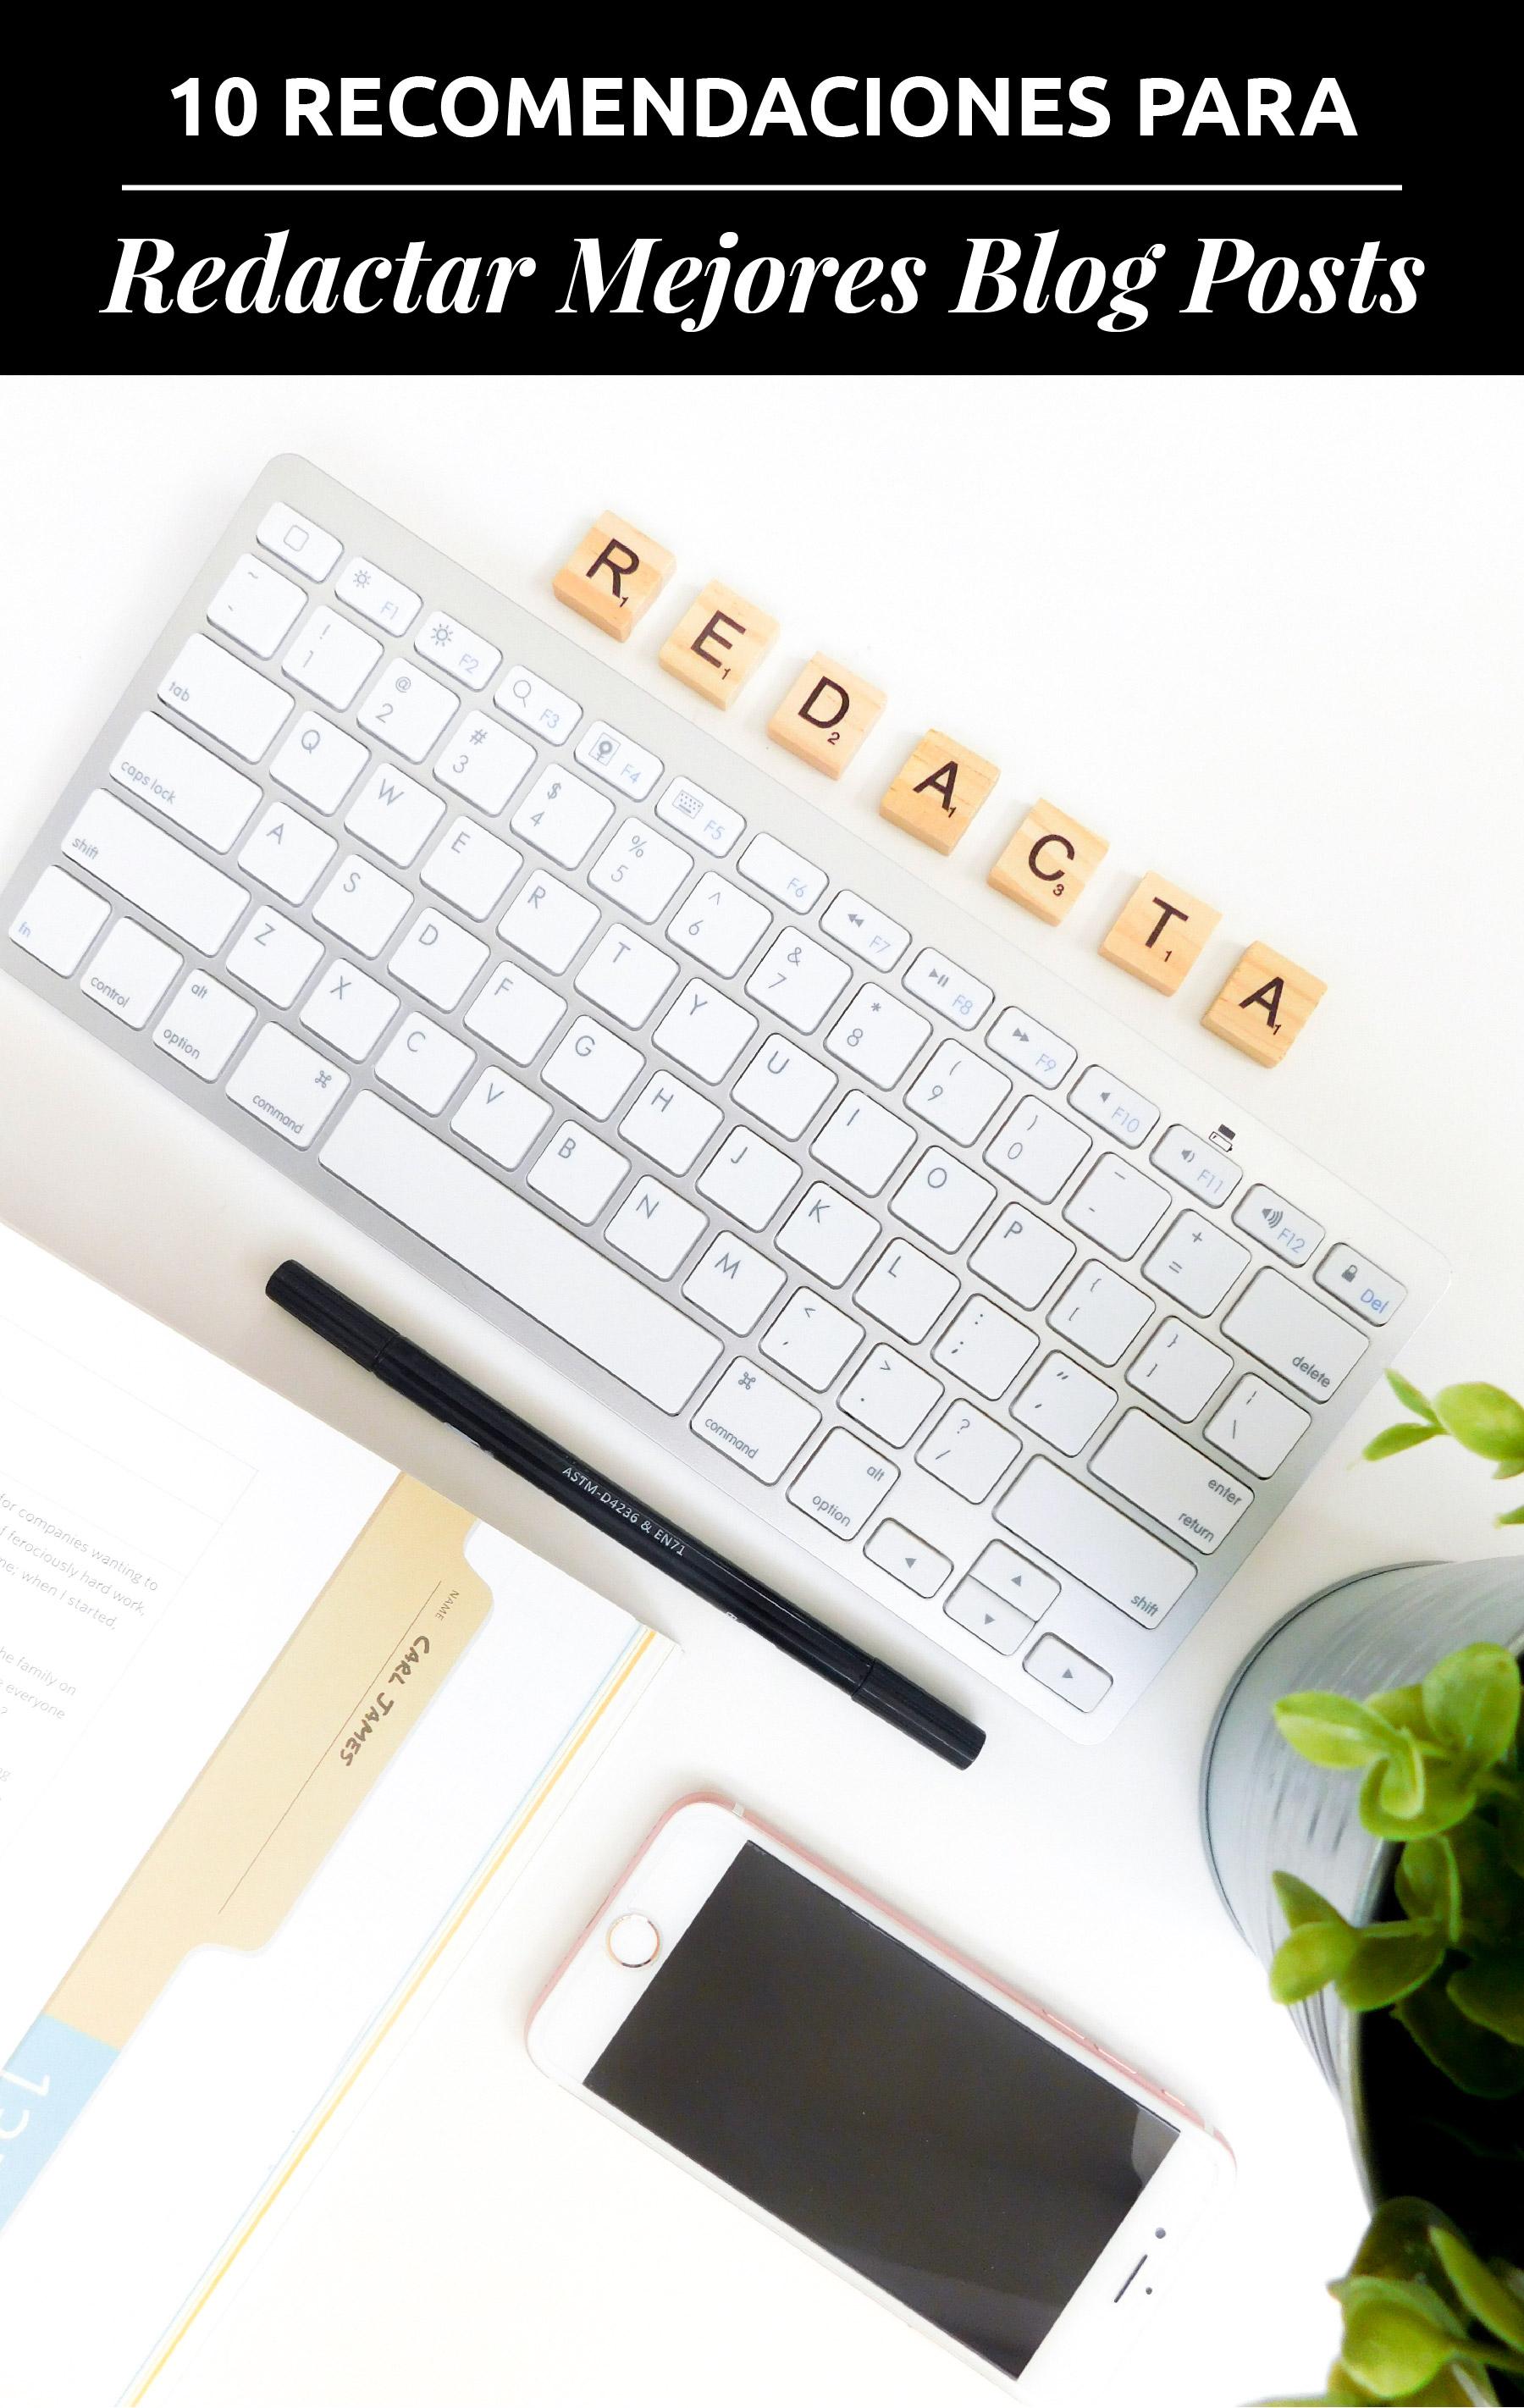 10 Recomendaciones Para Redactar Mejores Blog Posts   ¿Te gustaría perfeccionar tu forma de redactar mejores blog posts? ¿Quieres nuevos y fieles lectores de tu blog? Sigue estas recomendaciones.